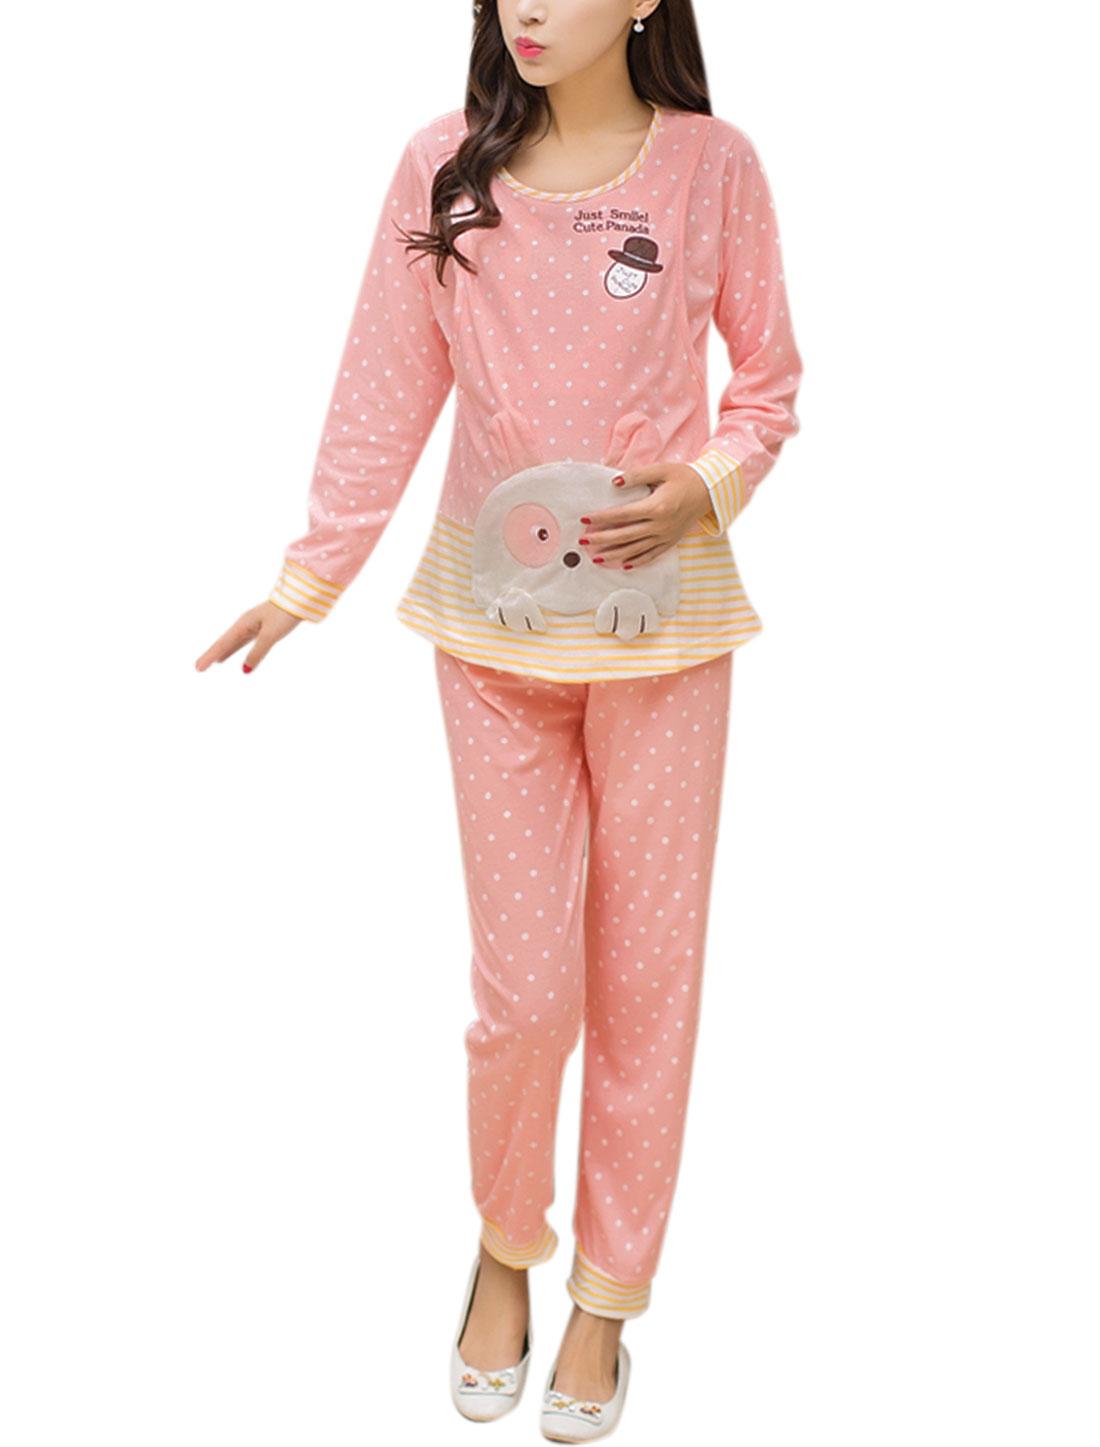 Maternity Dots Prints Shirt w Stripe Pants Pajama Set Pink L